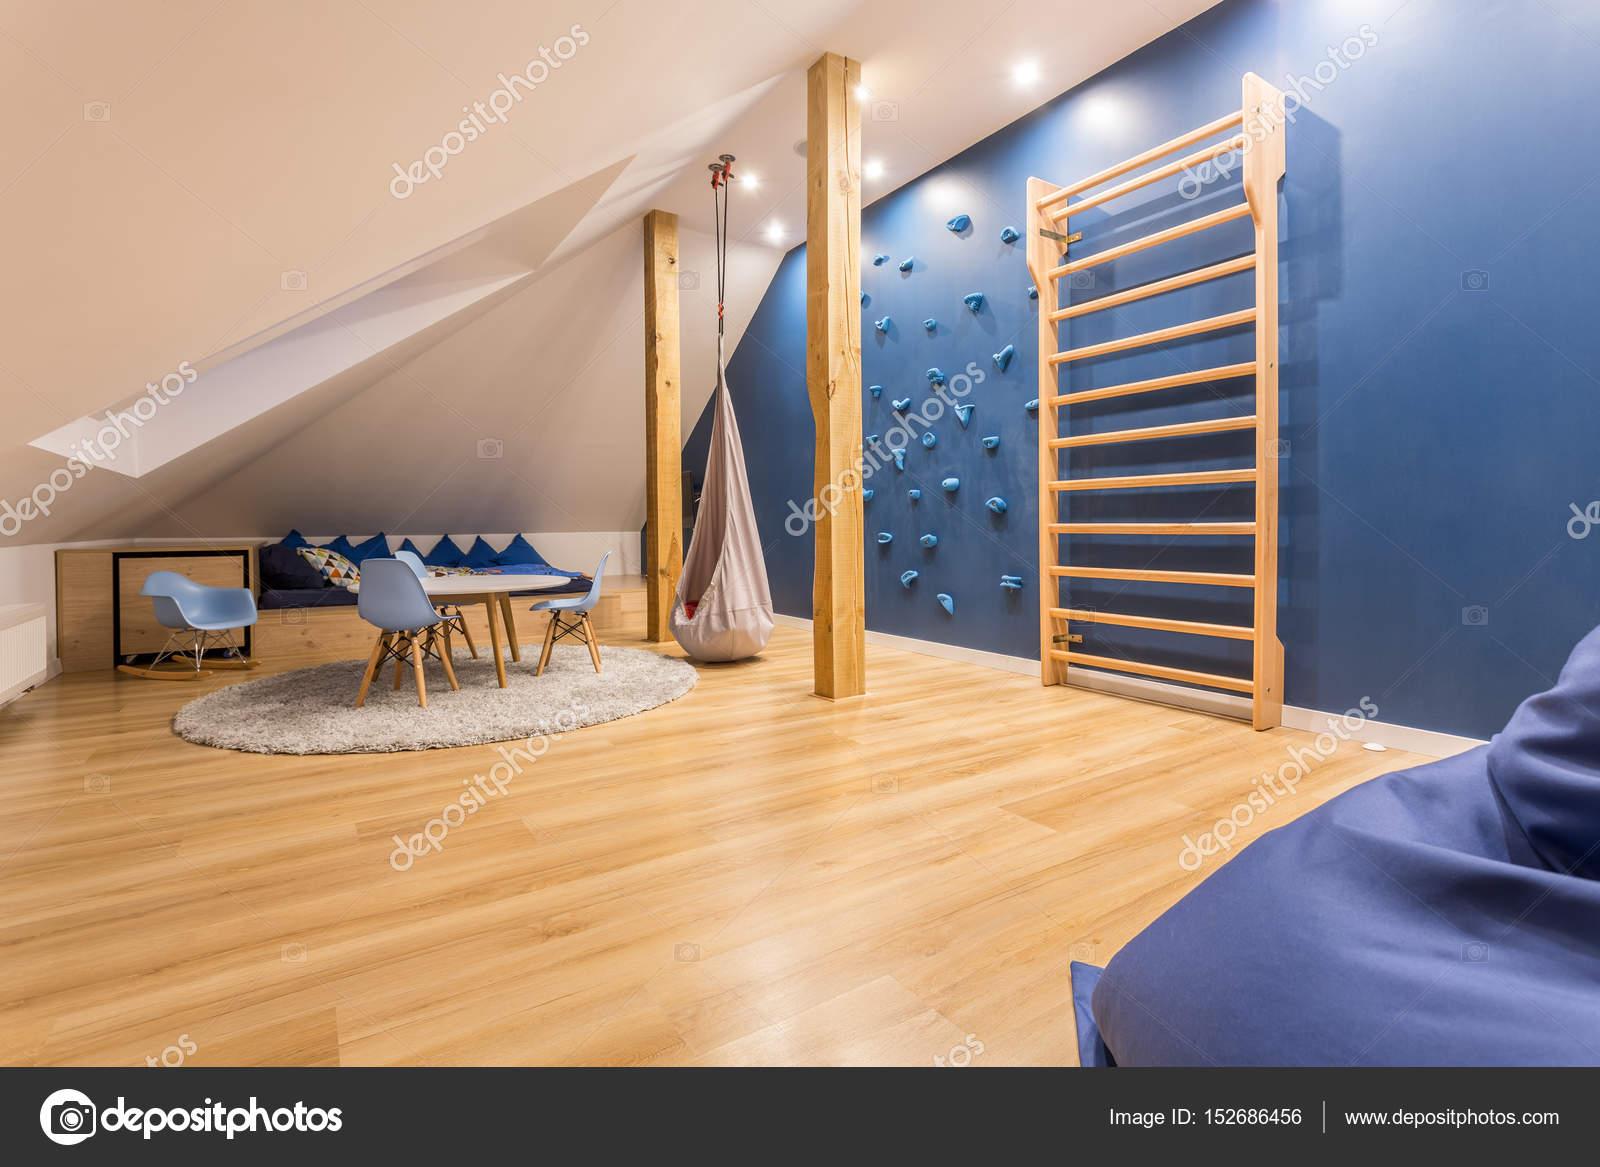 Kletterwand Kinderzimmer | Kinderzimmer Mit Kletterwand Stockfoto C Photographee Eu 152686456